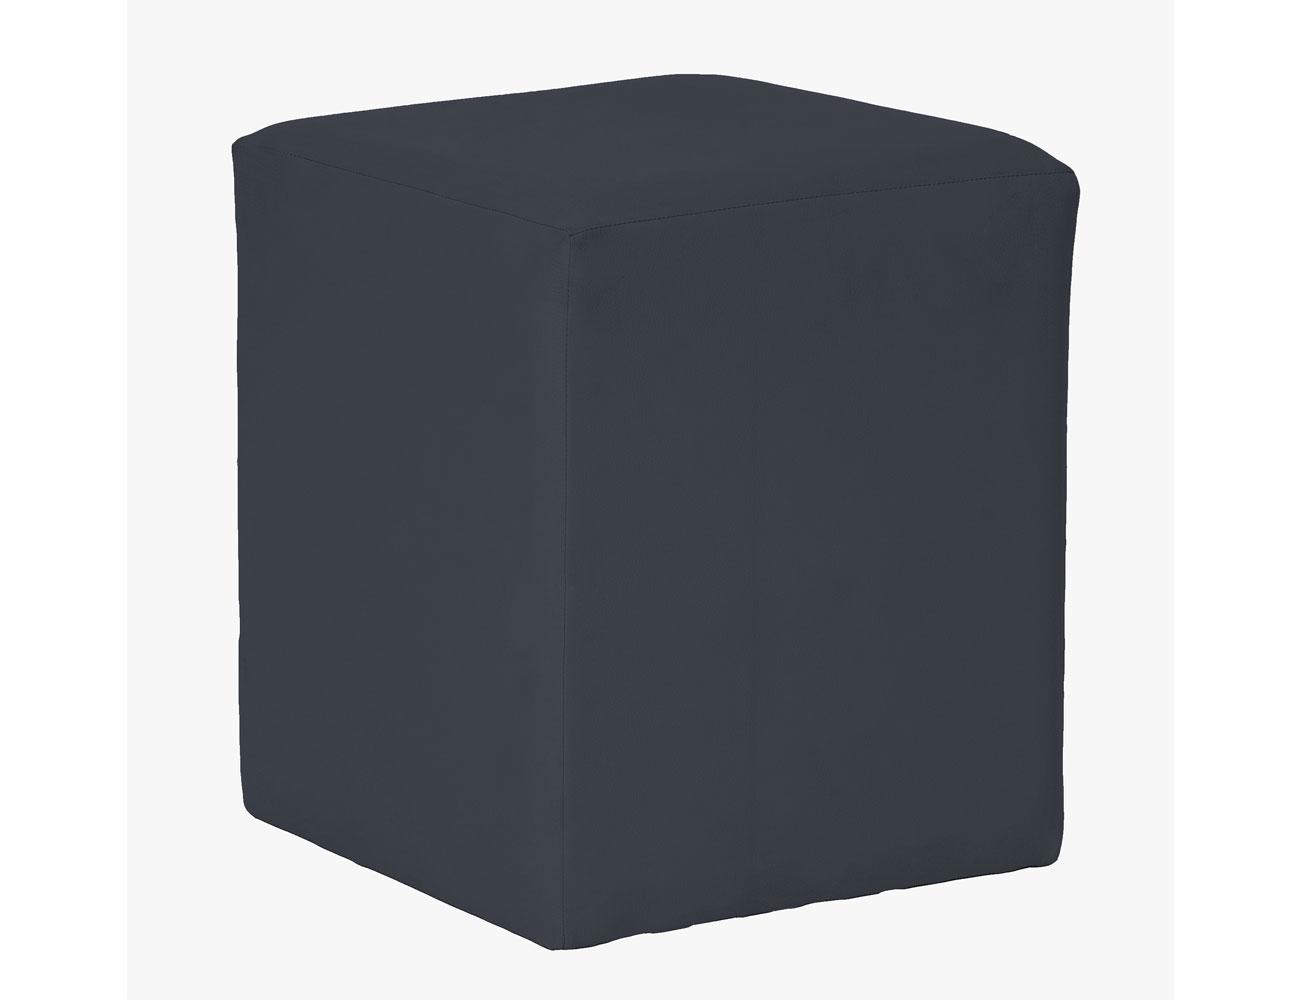 Taburete cubo grafito